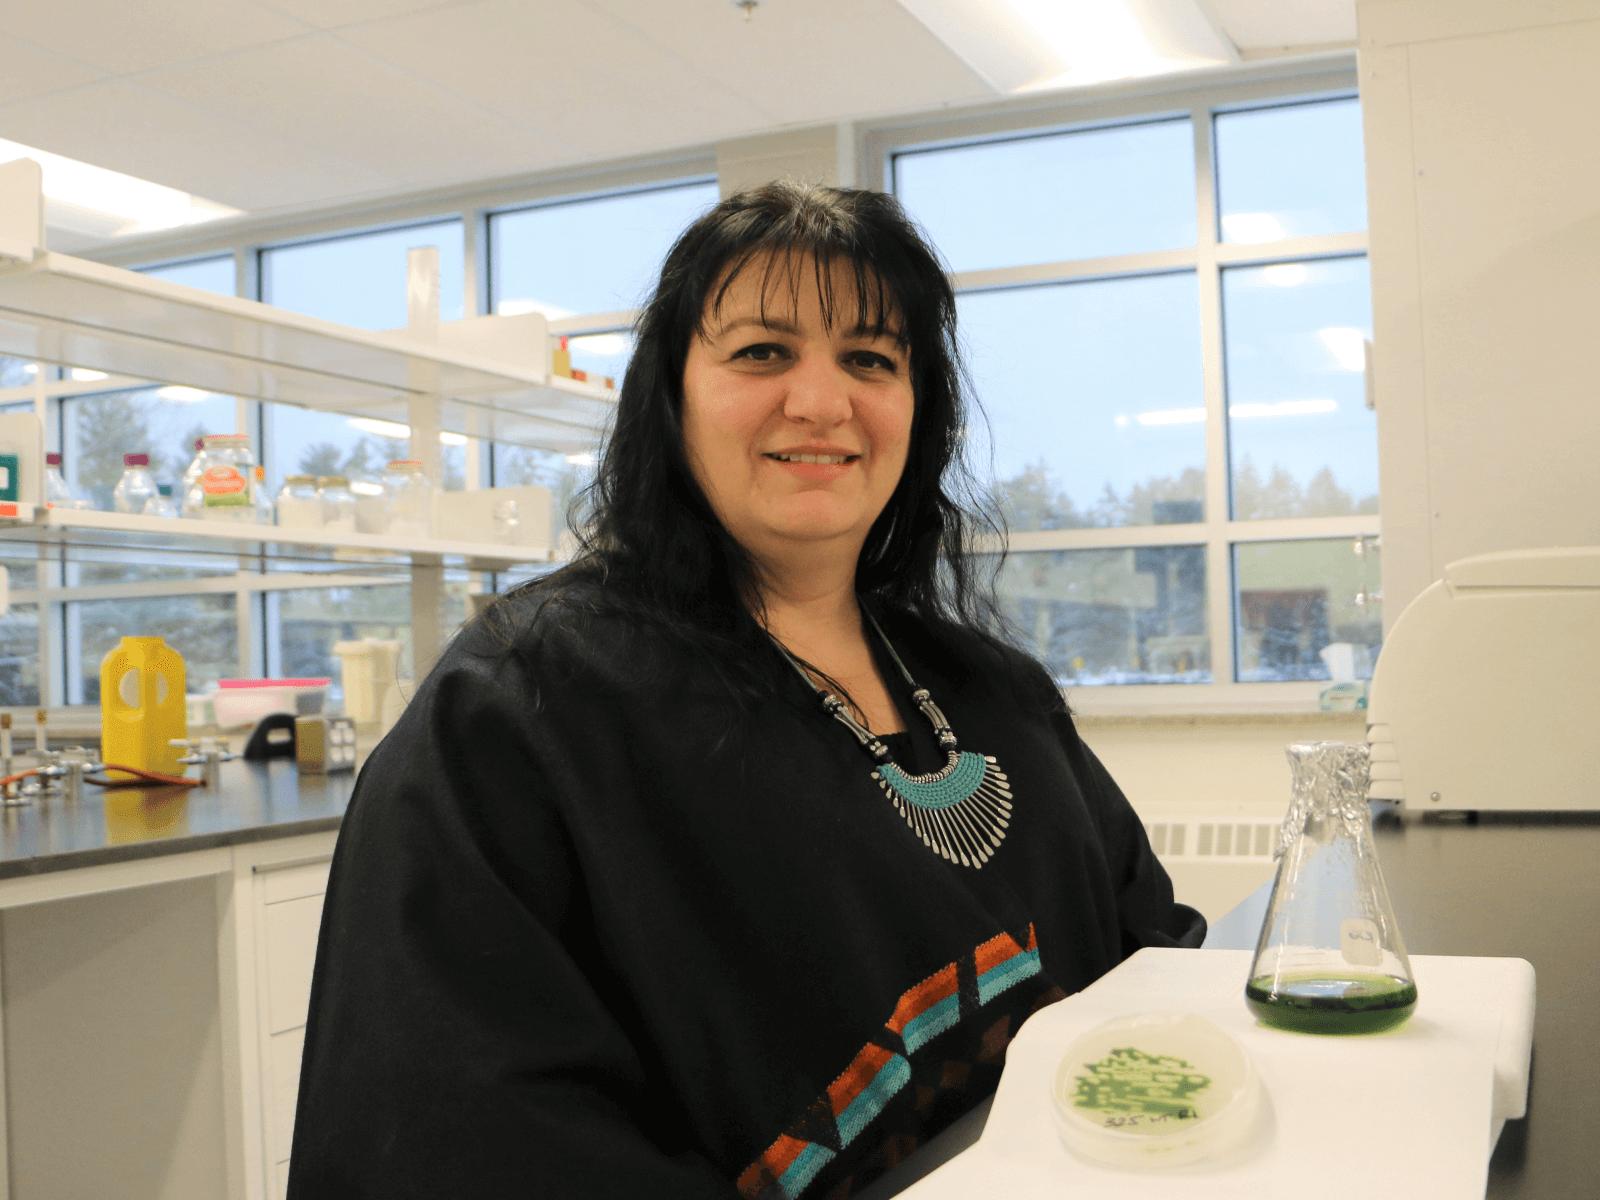 Isabel Desgagné-Penix remporte le Prix Mitacs pour leadership exceptionnel 2019